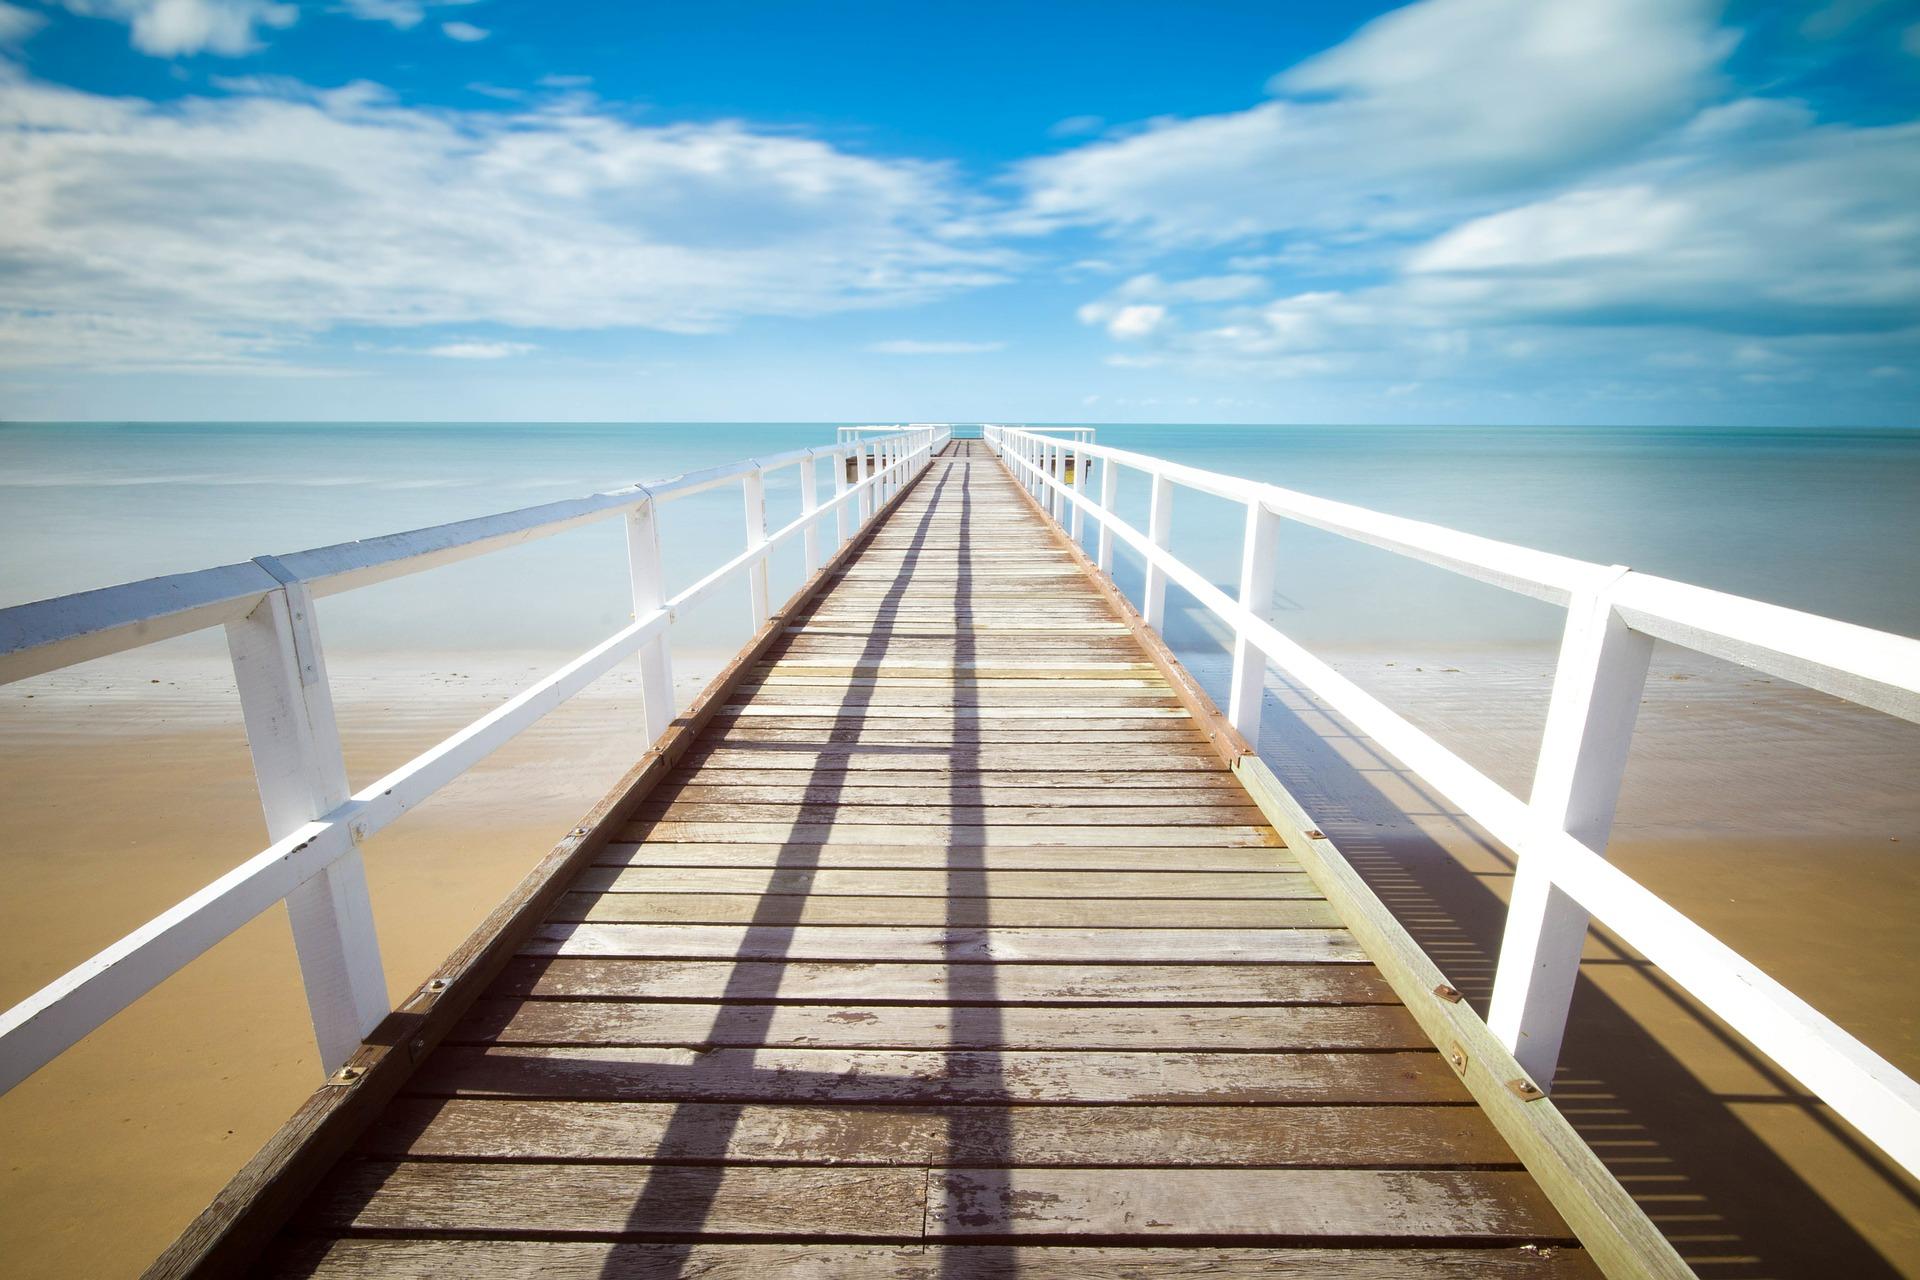 夏の海と桟橋